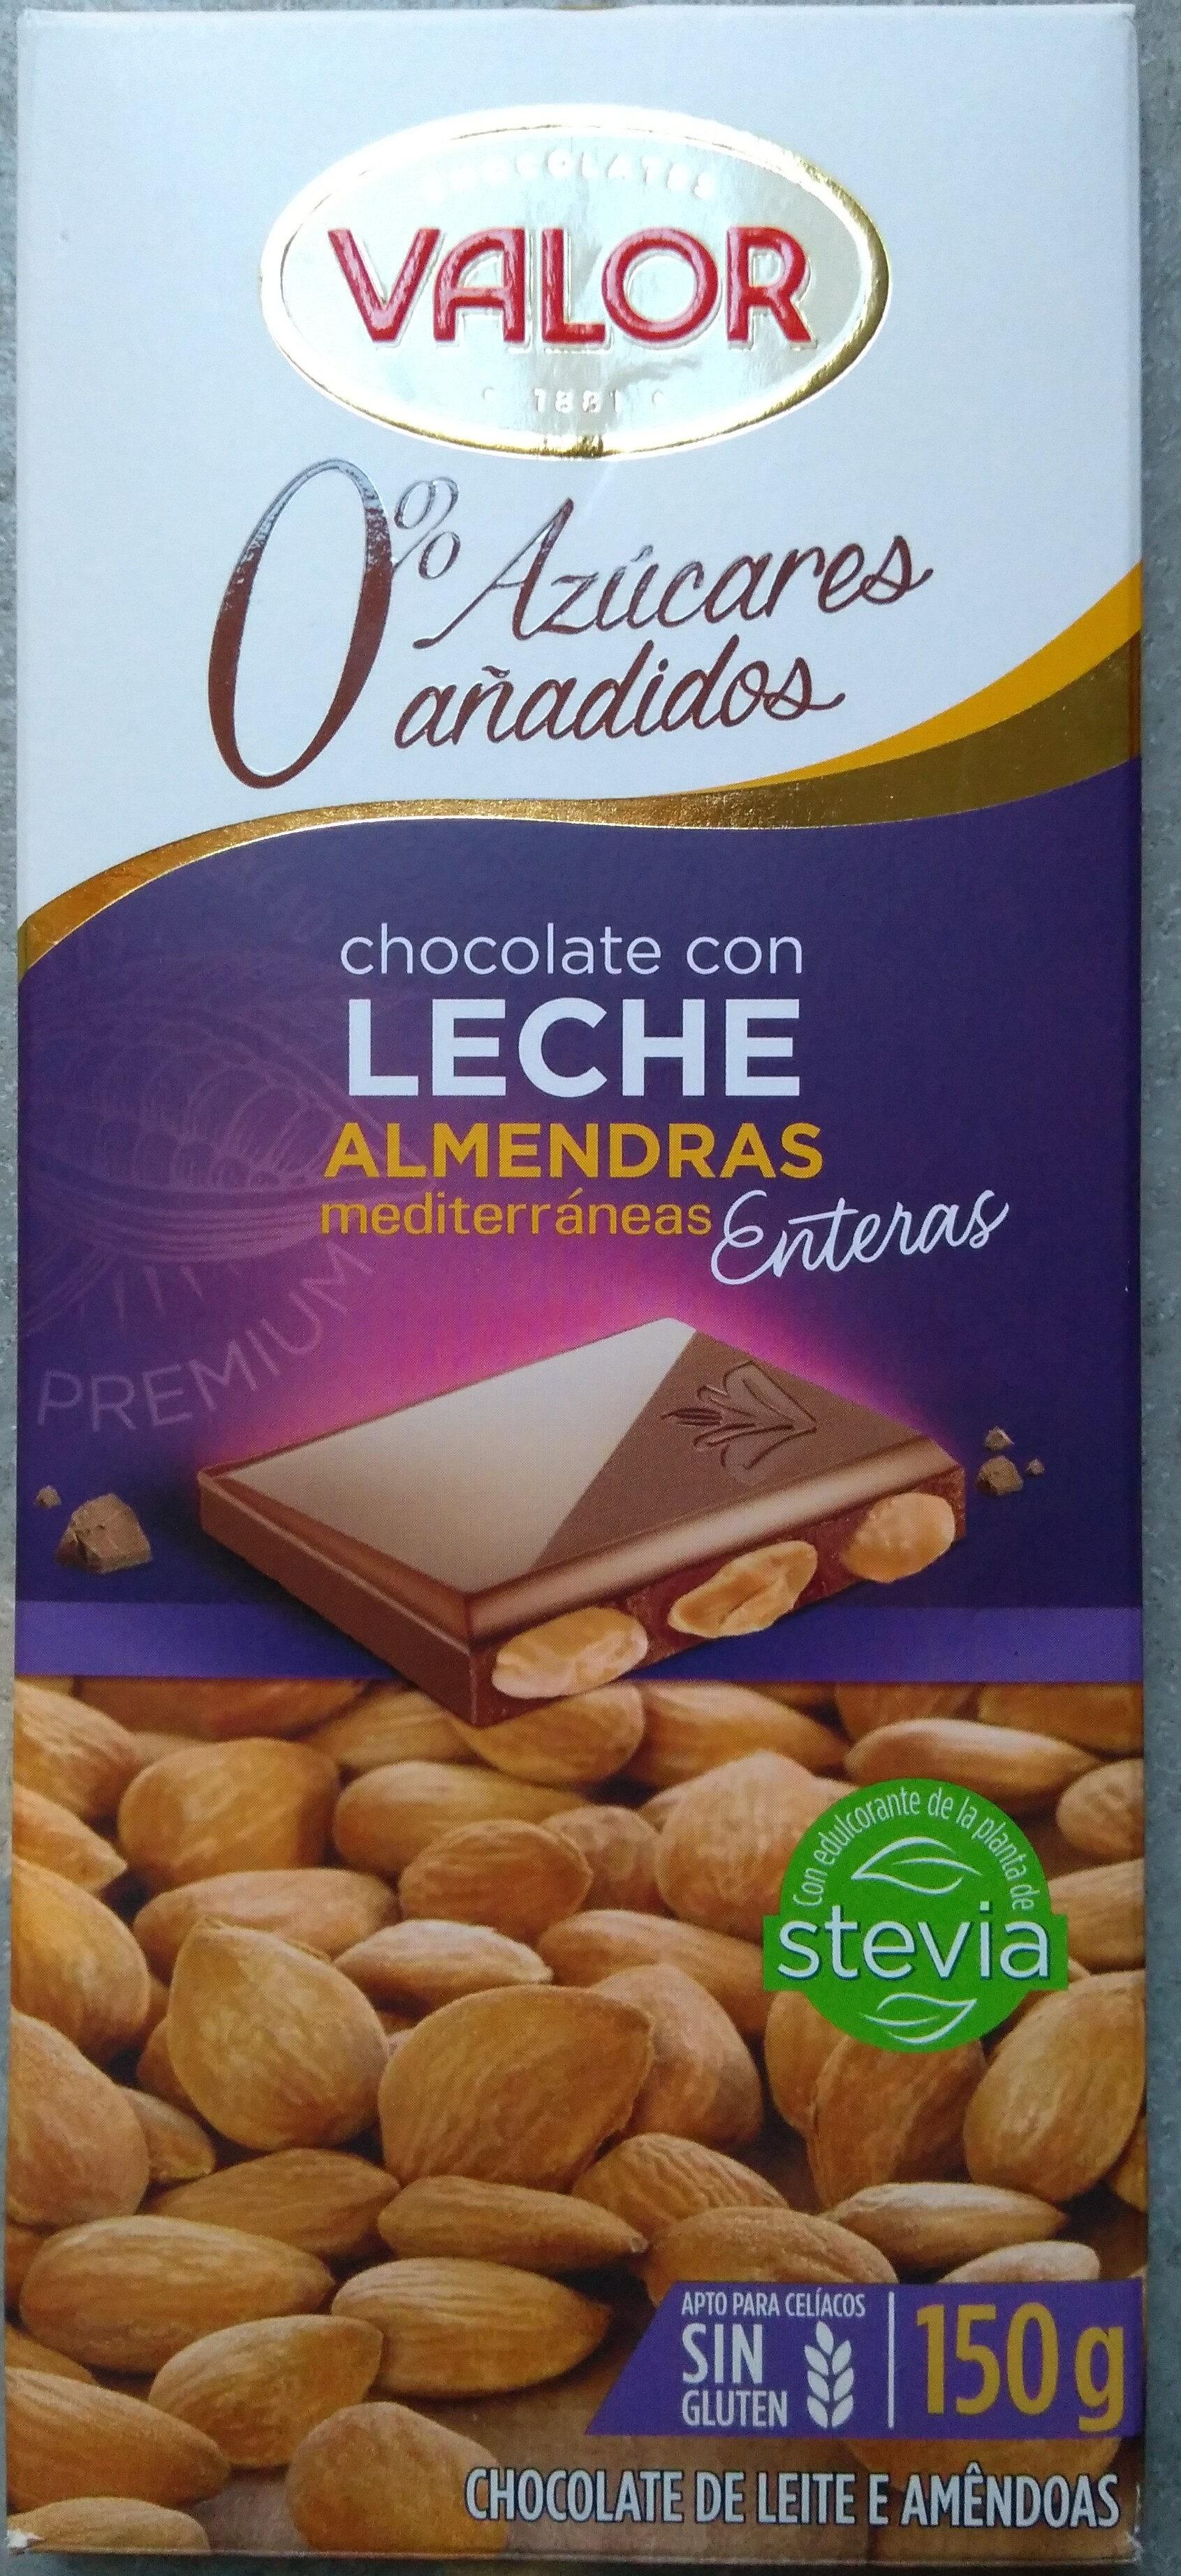 chocolate-con-leche-almendras-mediterraneas-enteras-valor